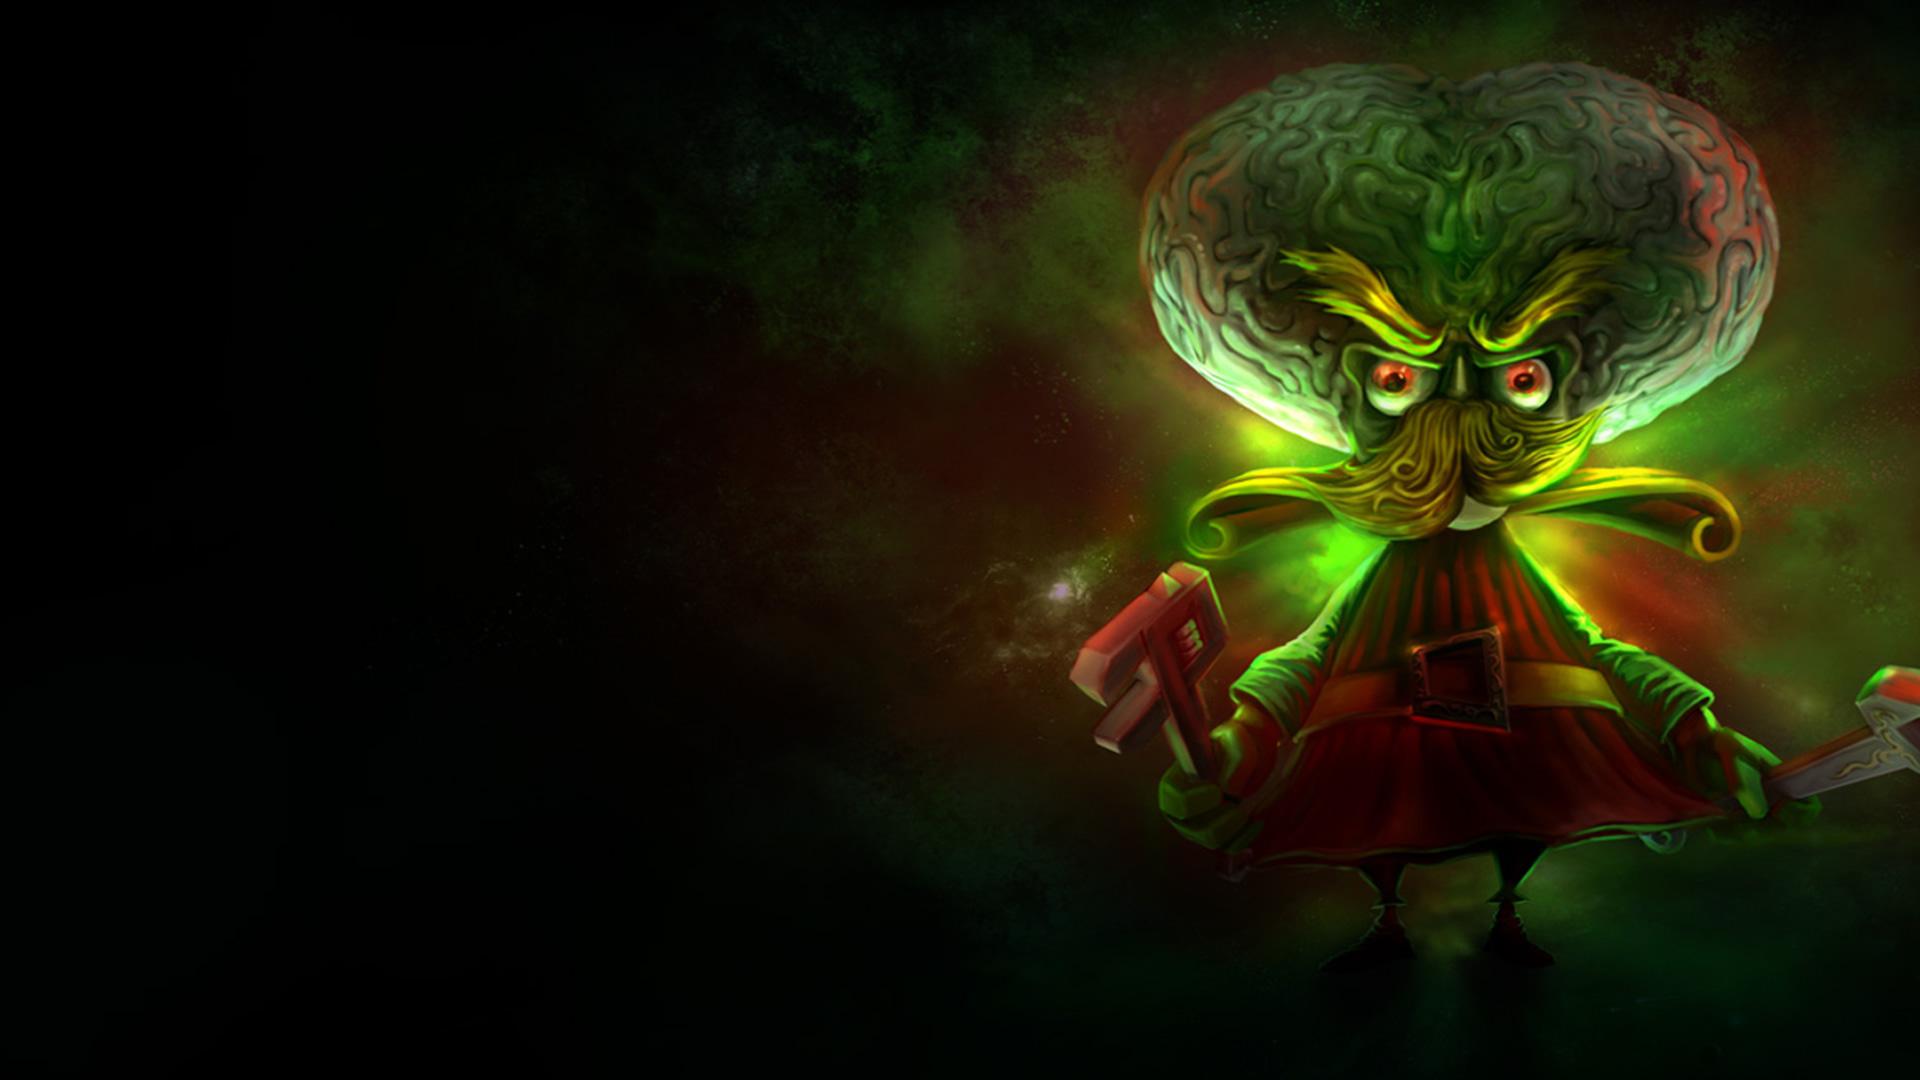 Alien Invader Heimerdinger wallpaper